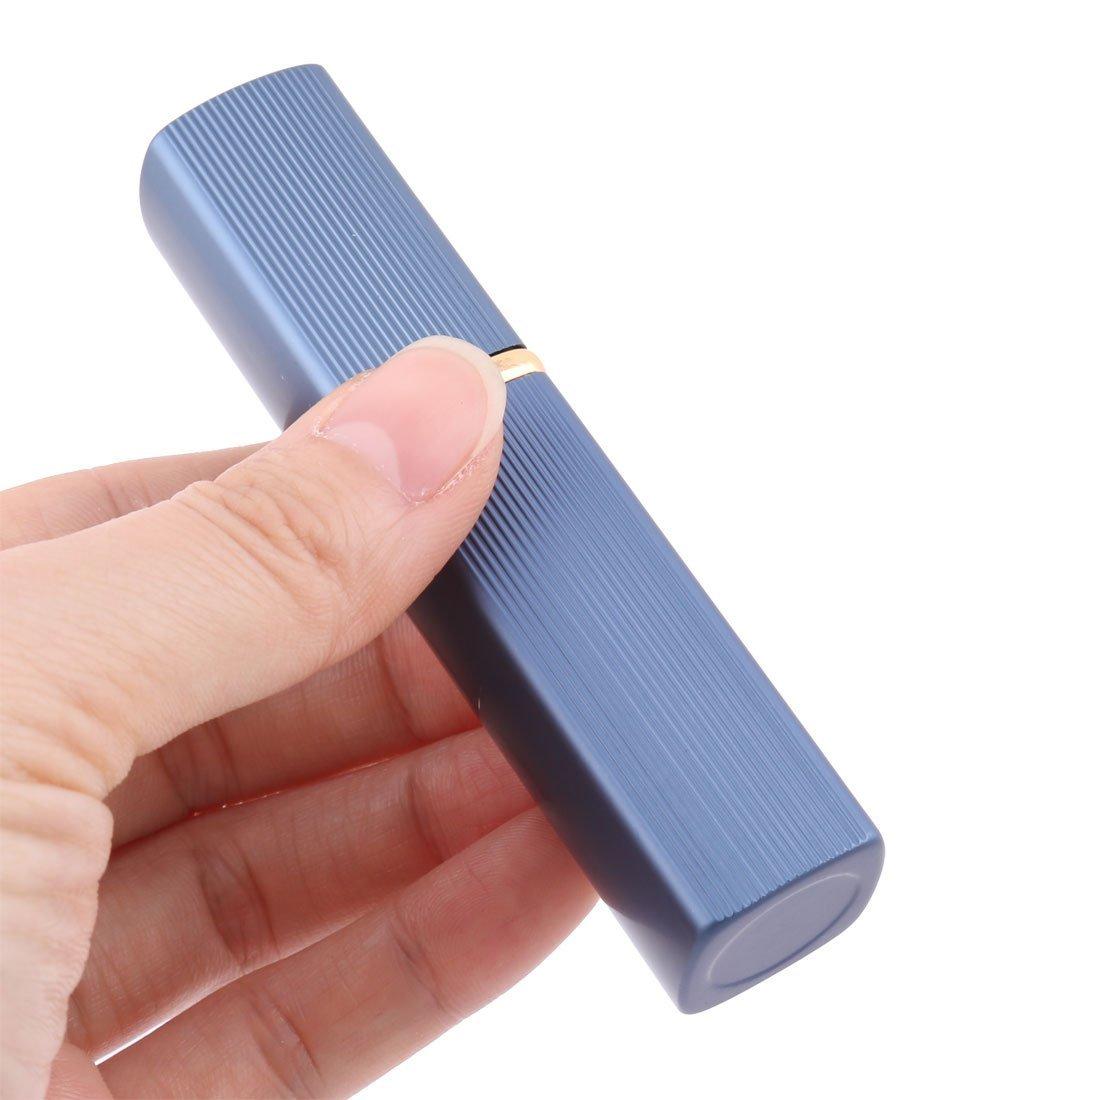 Amazon.com: eDealMax aleación DE 6 ml portátil en Forma de lápiz Labial Mini Botella del aerosol del atomizador del Perfume Caja Azul: Health & Personal ...